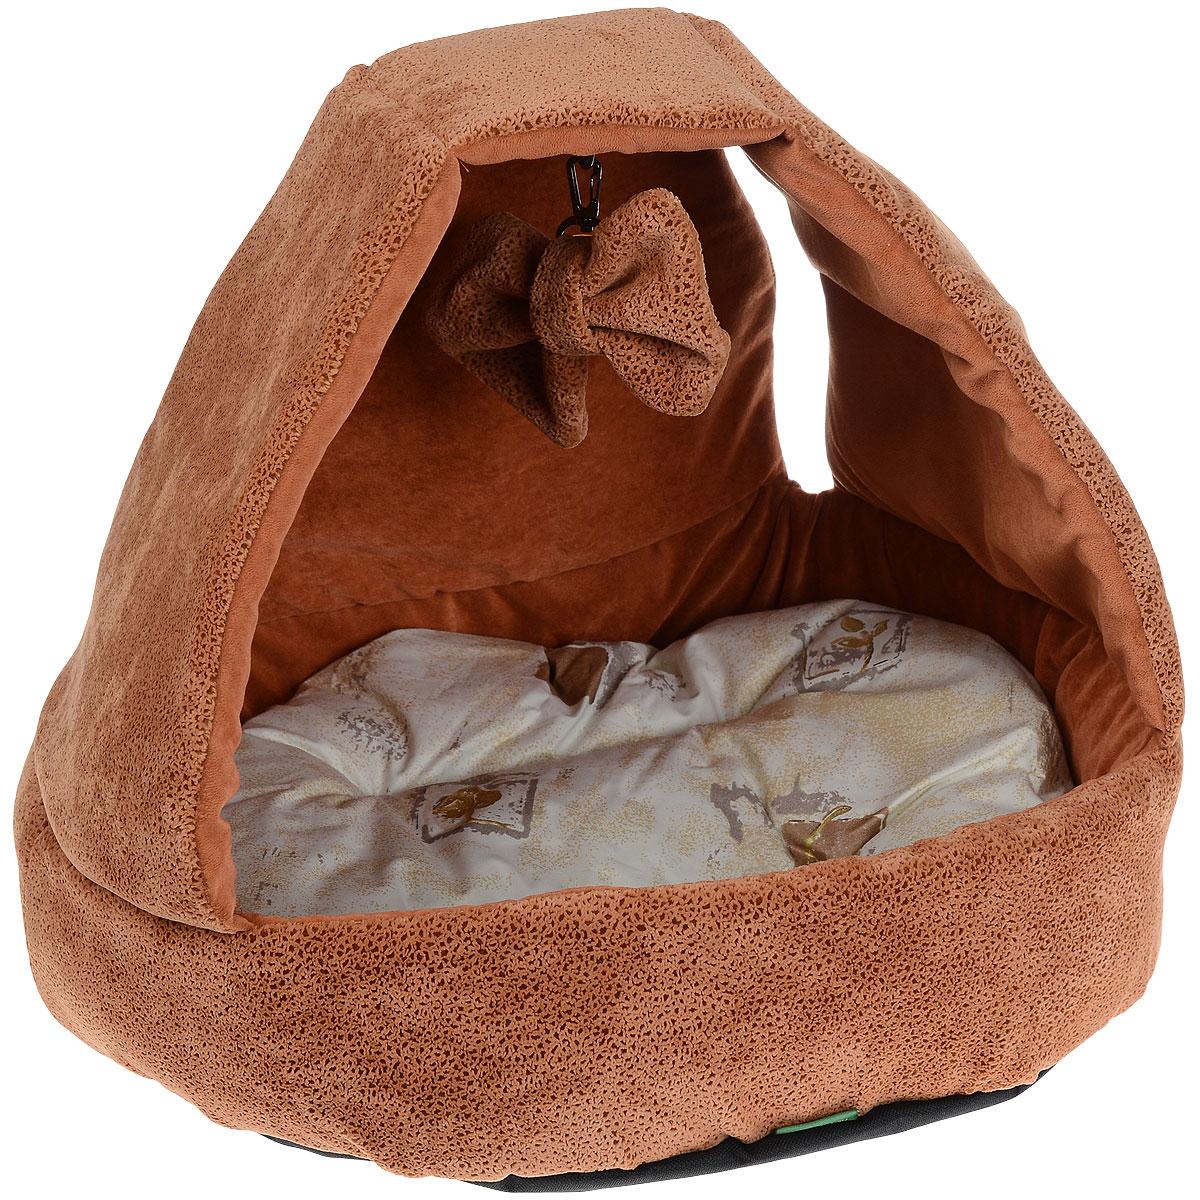 Домик для кошек и собак Titbit с игрушкой, цвет: рыжий, 43 см х 43 см х 40 см4746Домик TiTBiT с игрушкой обеспечит Вашему питомцу комфортный отдых и веселое развлечение. Предназначен для кошек и небольших собак. Конструкция из поролона прекрасно держит форму. Отделка из мебельной ткани Флок нежная и мягкая на ощупь. Дно изделия выполнено из износостойкой ткани Оксфорд. Внутри домика - мягкая подушка на синтепоне которую можно стирать в машине. И игрушка на карабине, которую можно отстегивать. Вкус: Состав: ткань мебельная флок, поролон, синтепон, ткань тик, ткань Оксфорд. Условия хранения: сухое место.